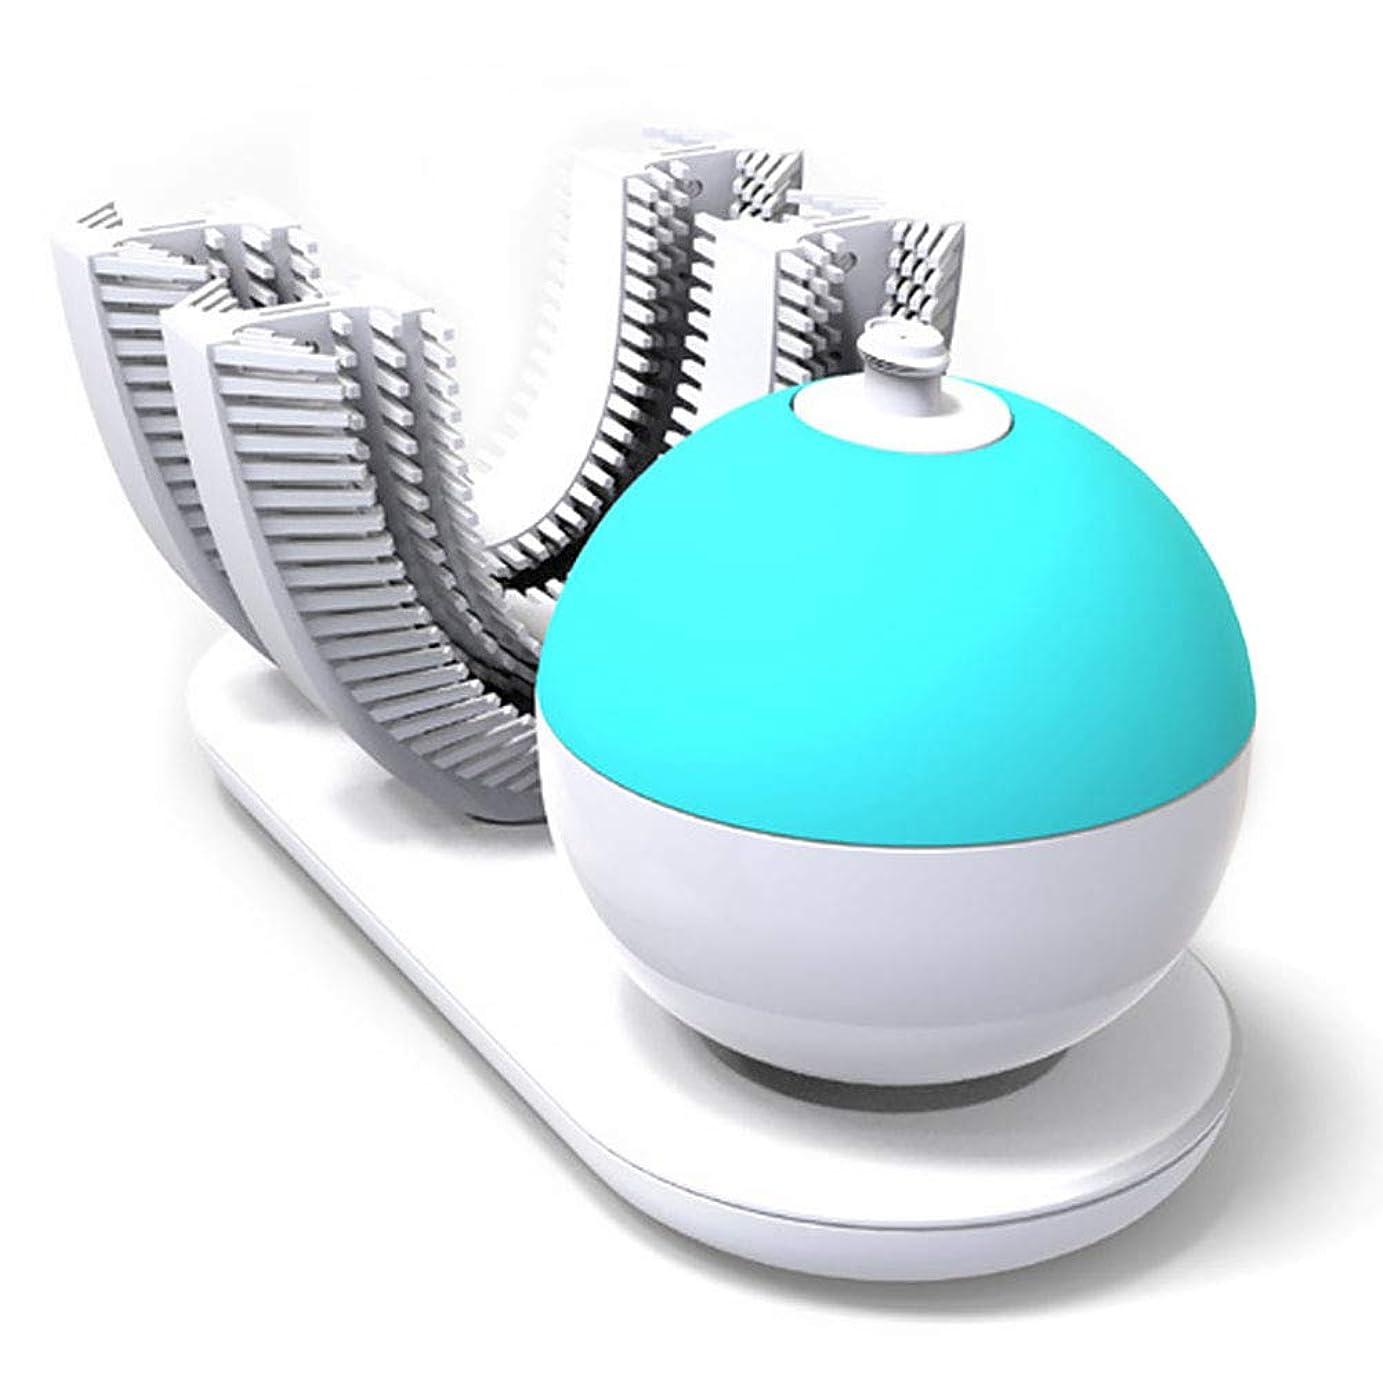 起きろウィザード失礼フルオートマチック可変周波数電動歯ブラシ、自動360度U字型電動歯ブラシ、ワイヤレス充電IPX7防水自動歯ブラシ(大人用)